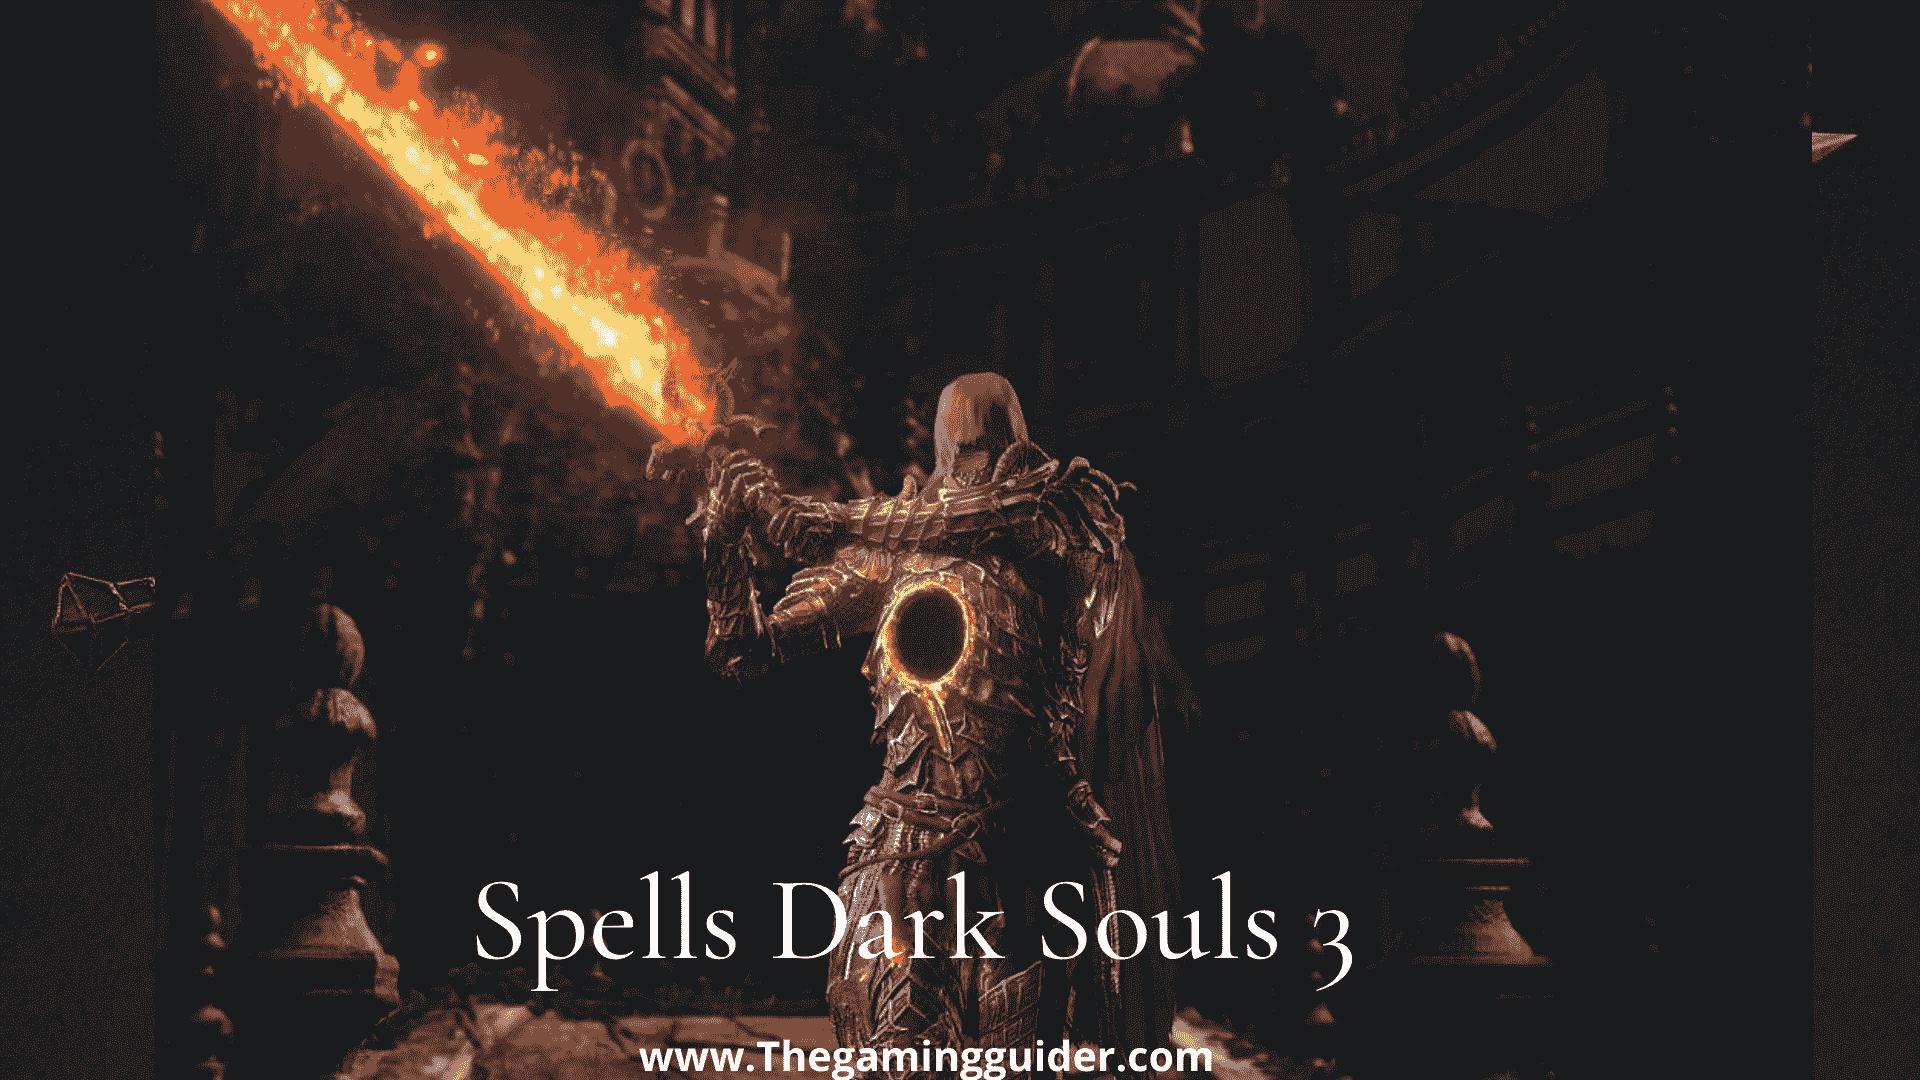 Spells Dark Souls 3 - thegamingguider-min